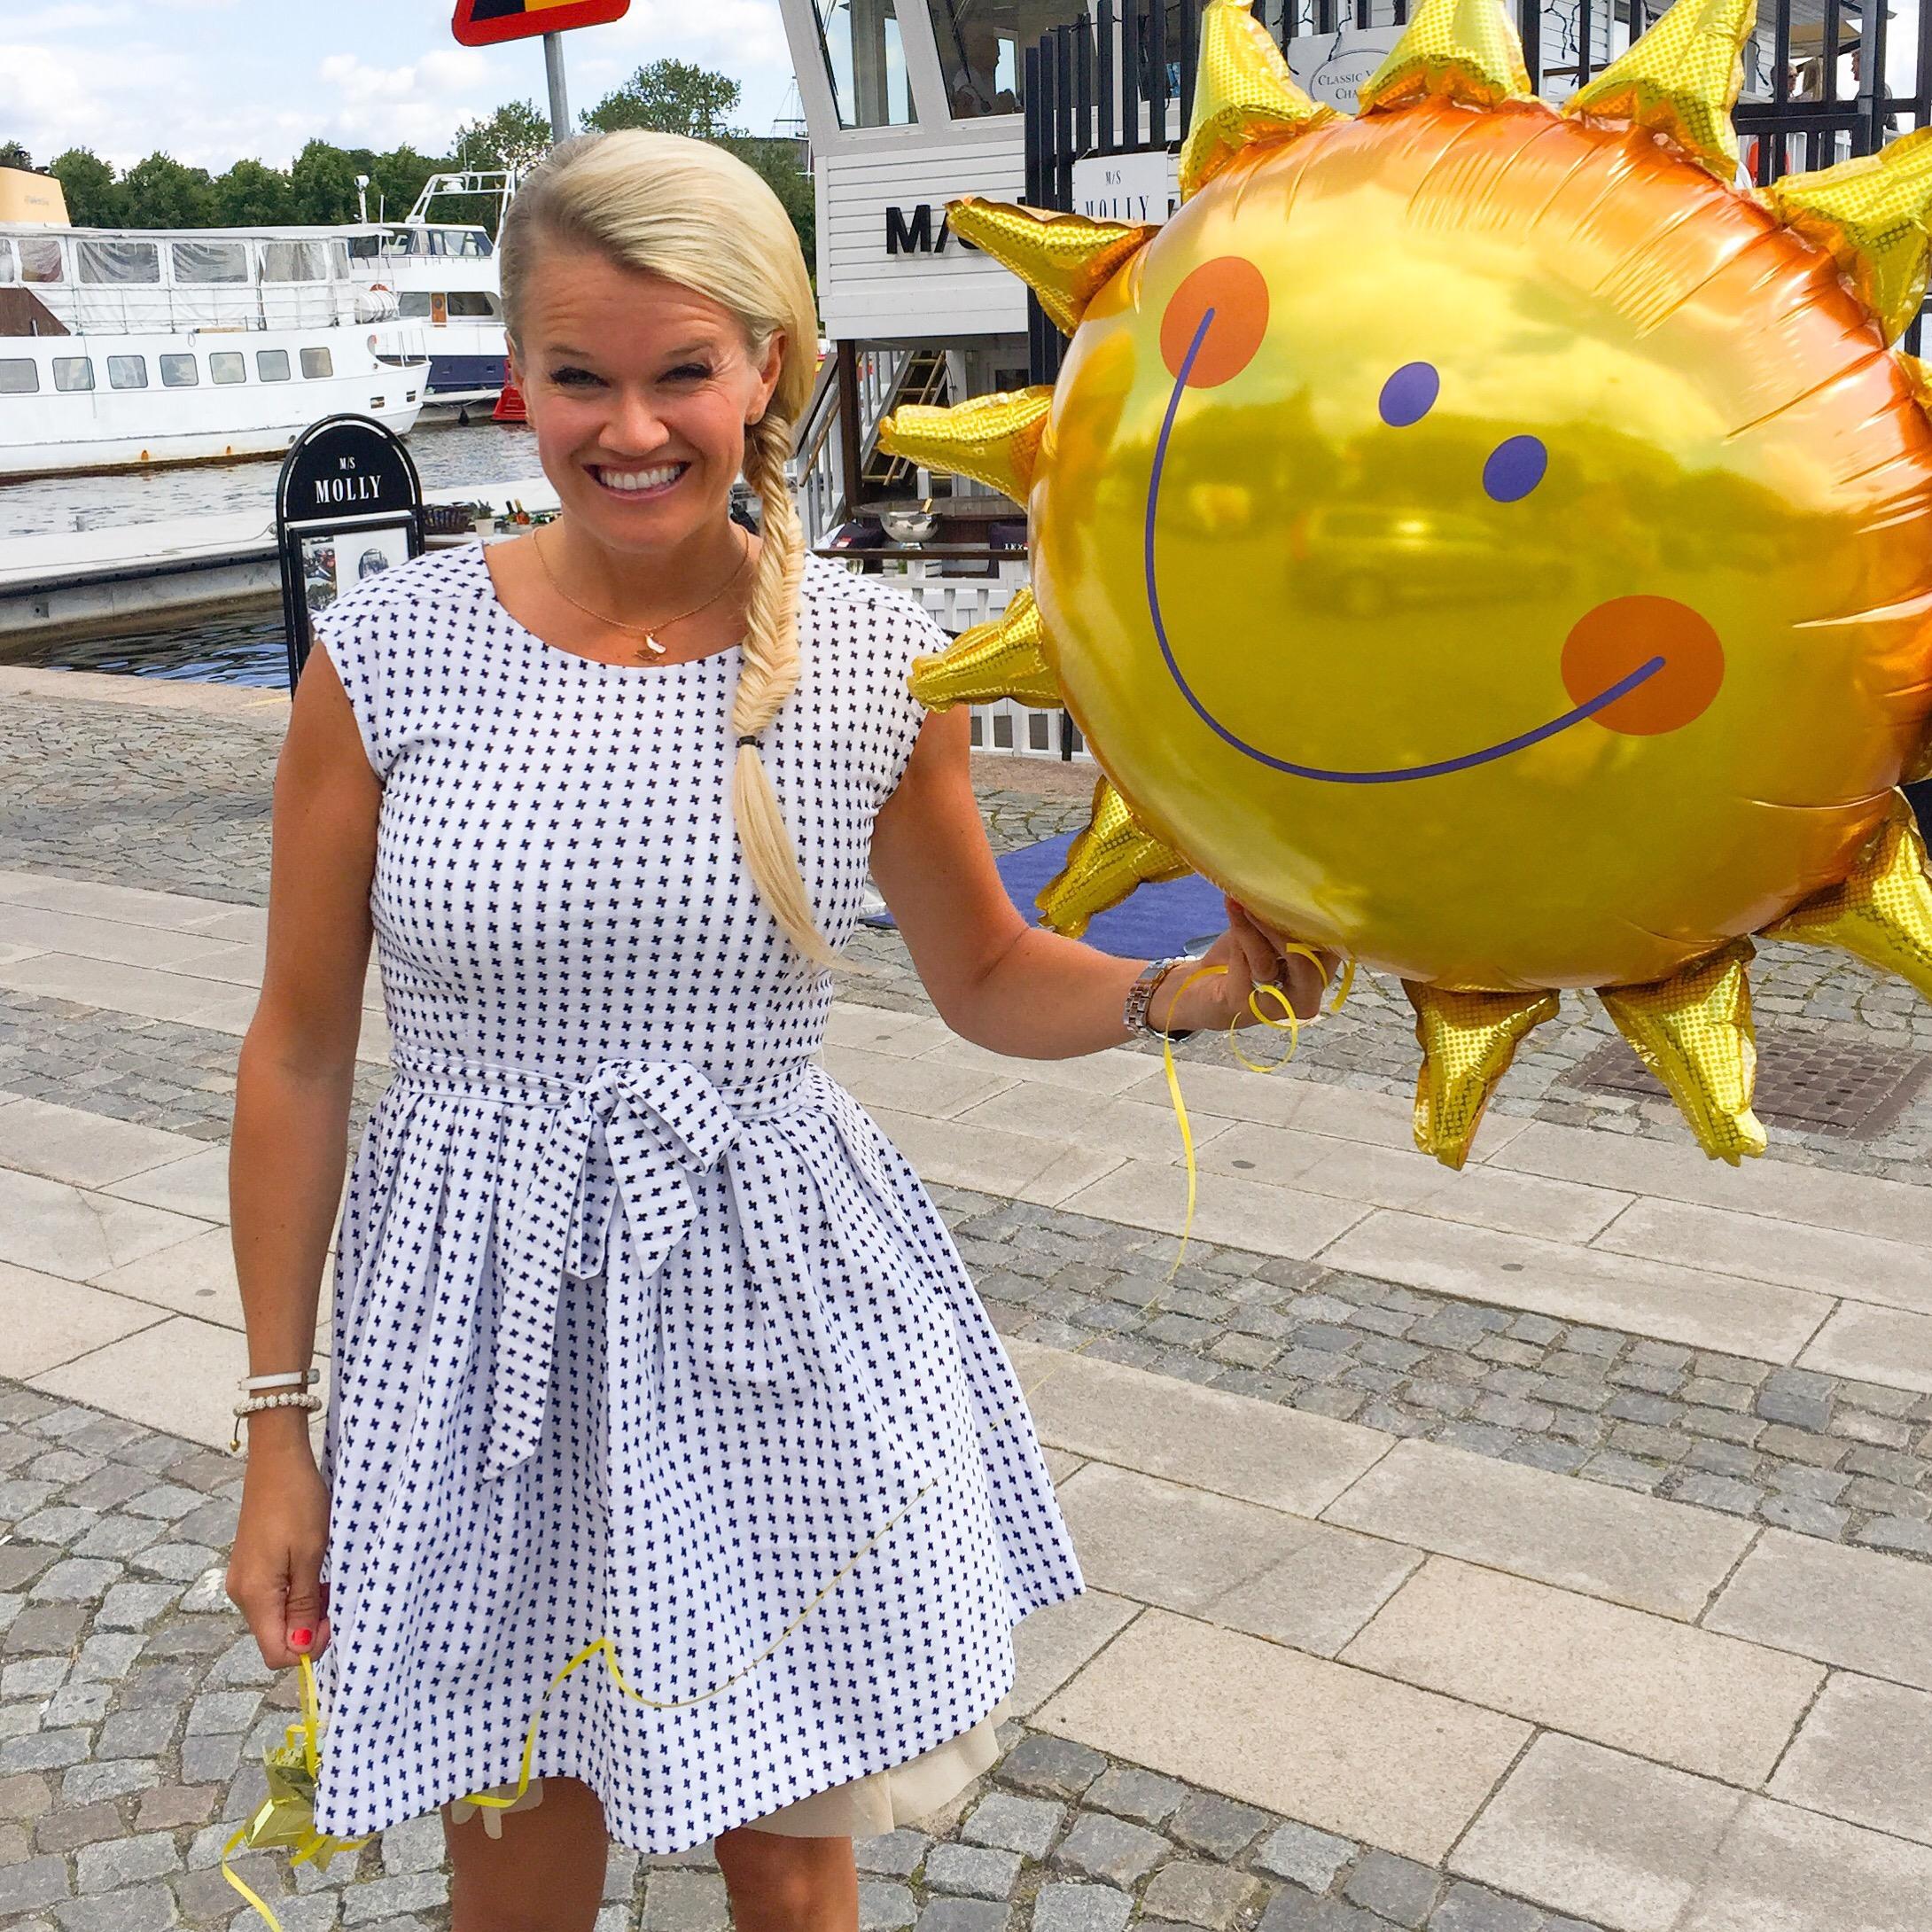 pernilla wahlgren collection » Med ett leende på läpparna 5d97228eed826